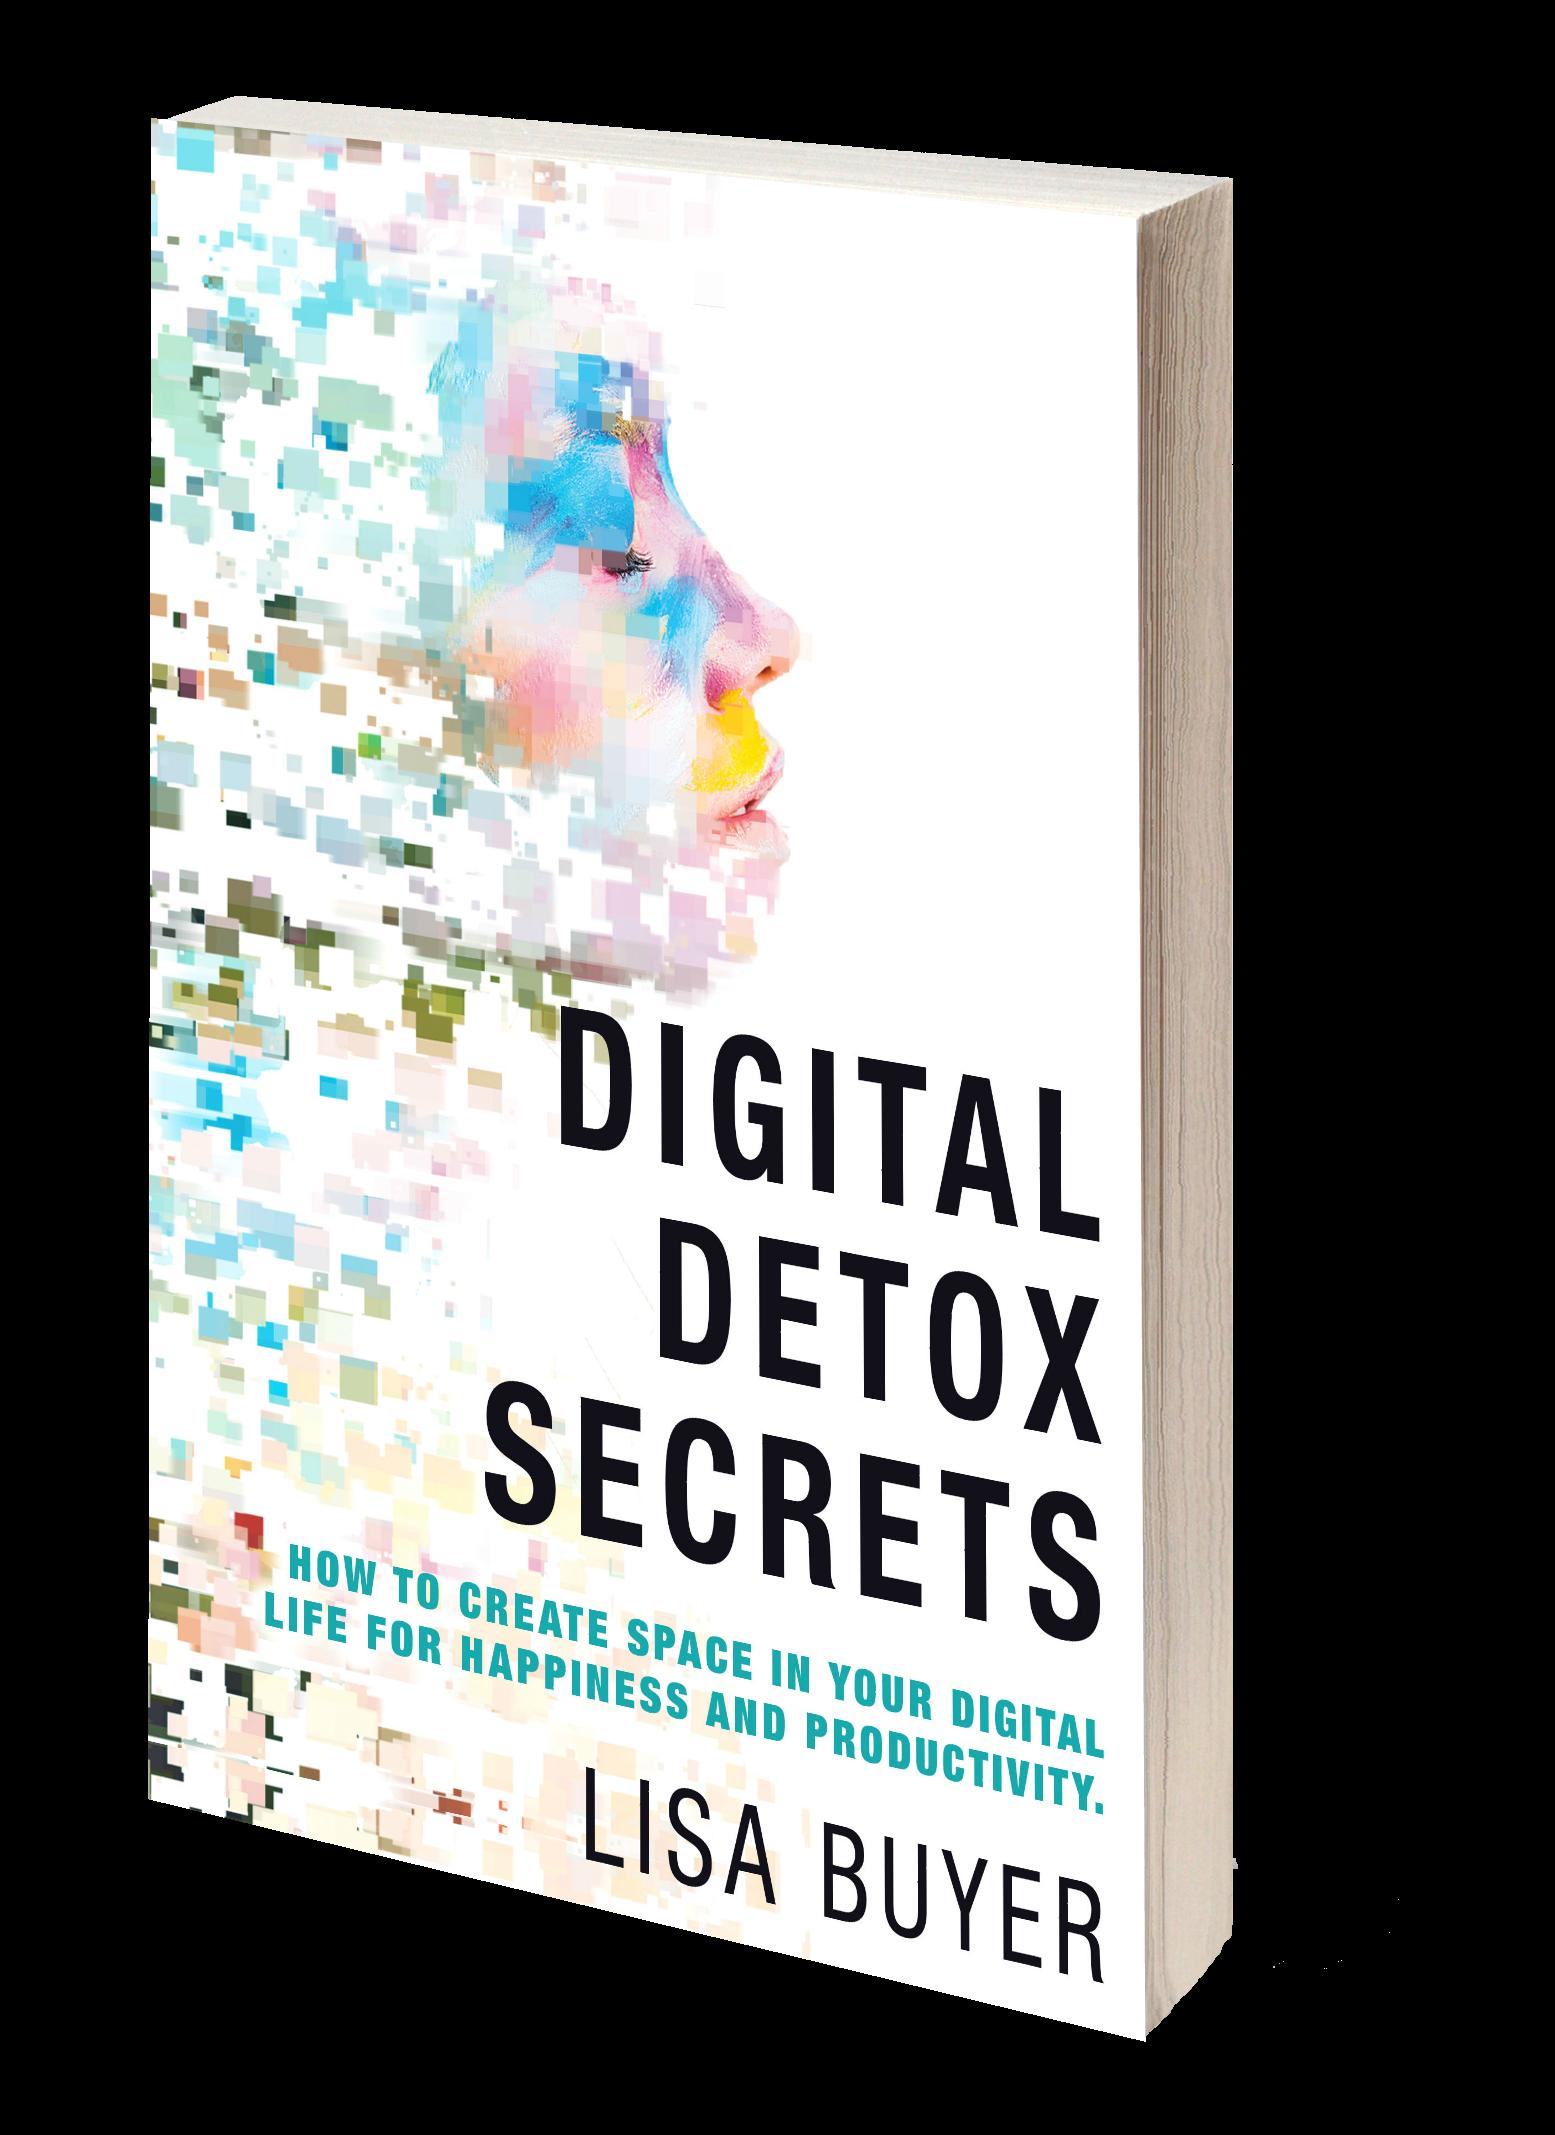 Digital Detox Secrets